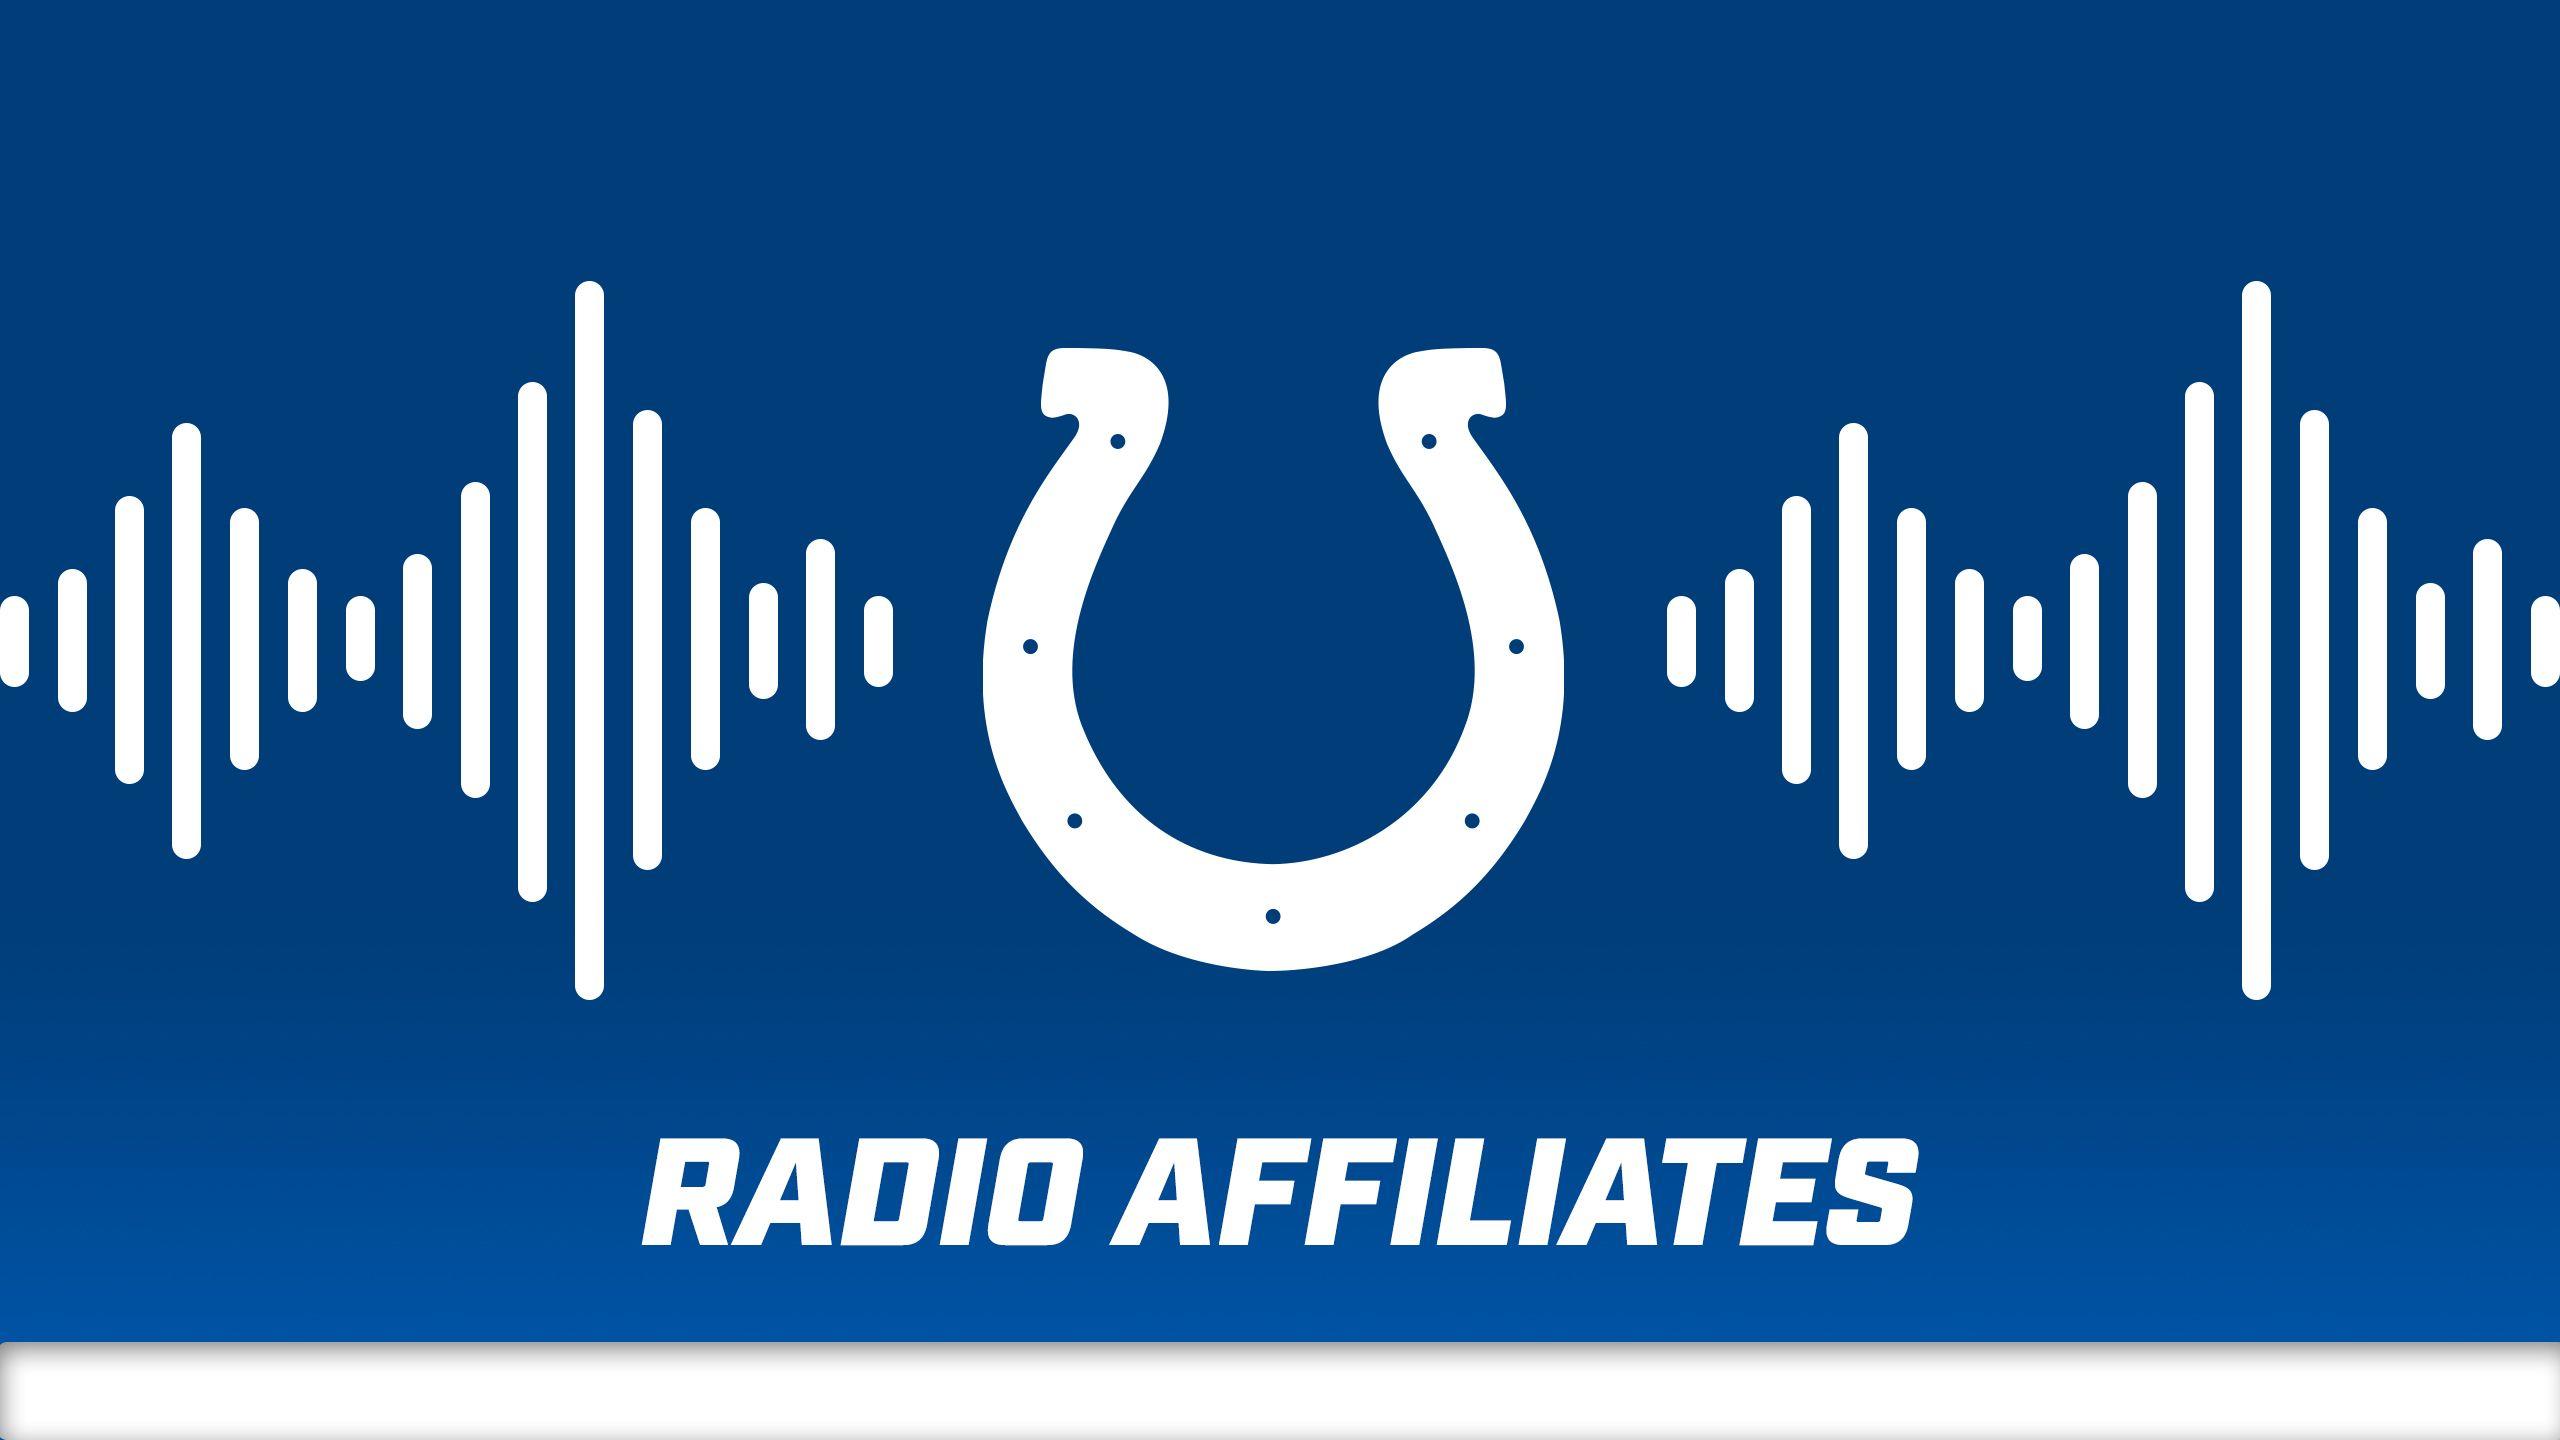 Radio Affiliates